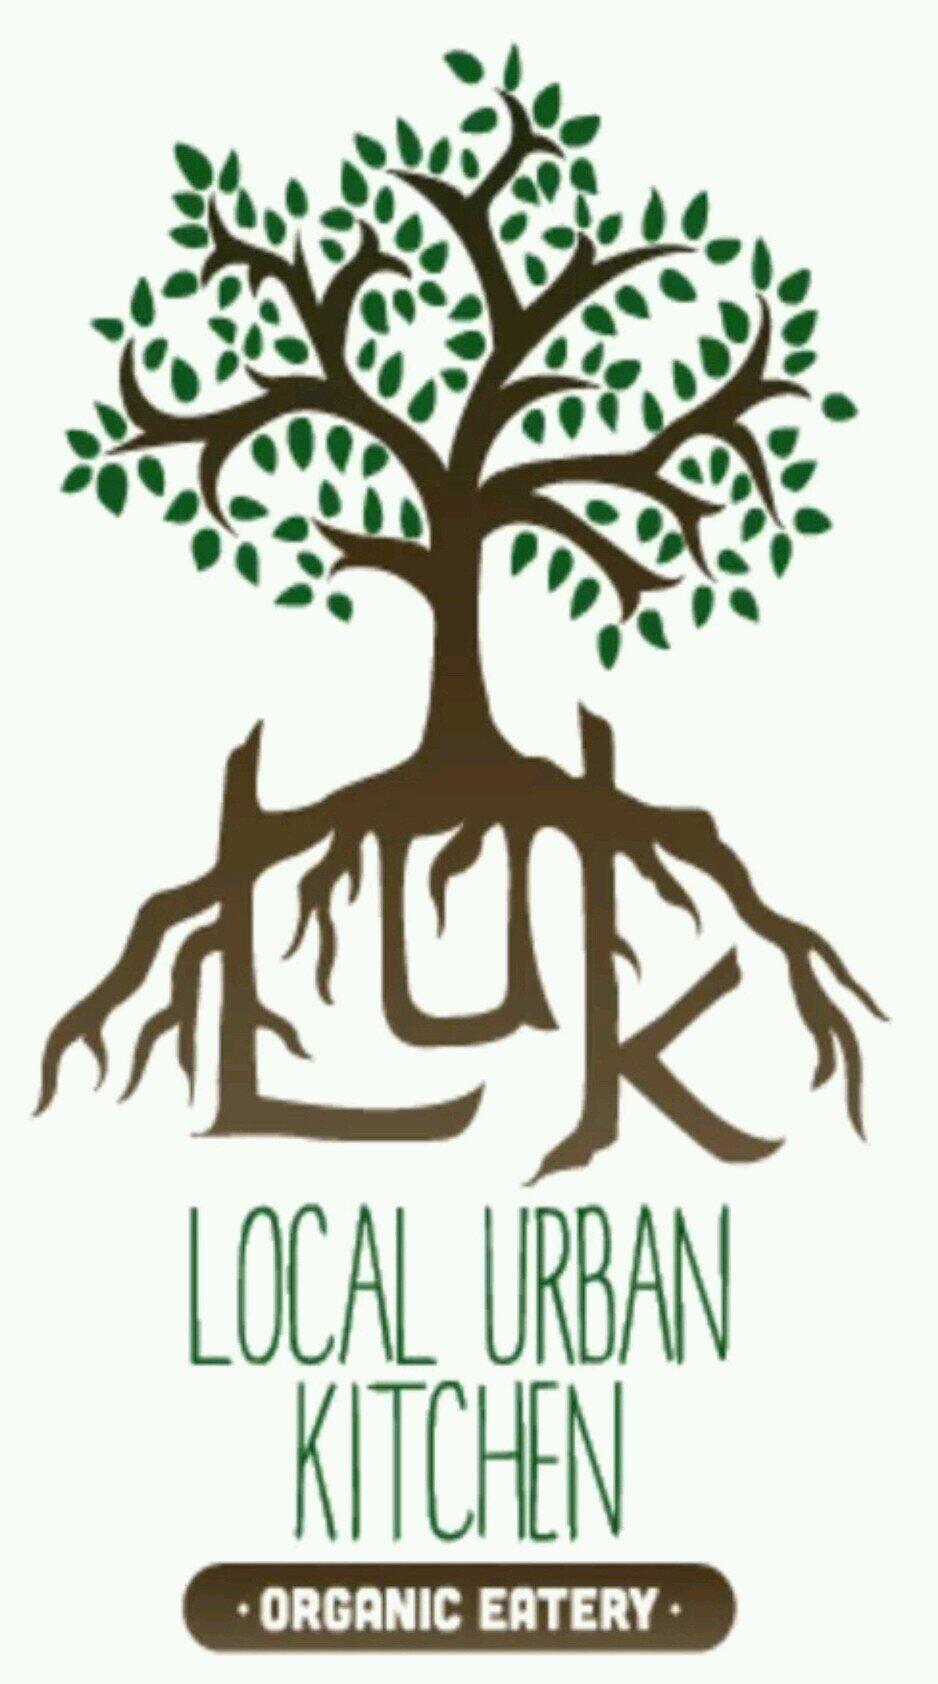 Local Urban Kitchen LUKurbankitchen  Twitter